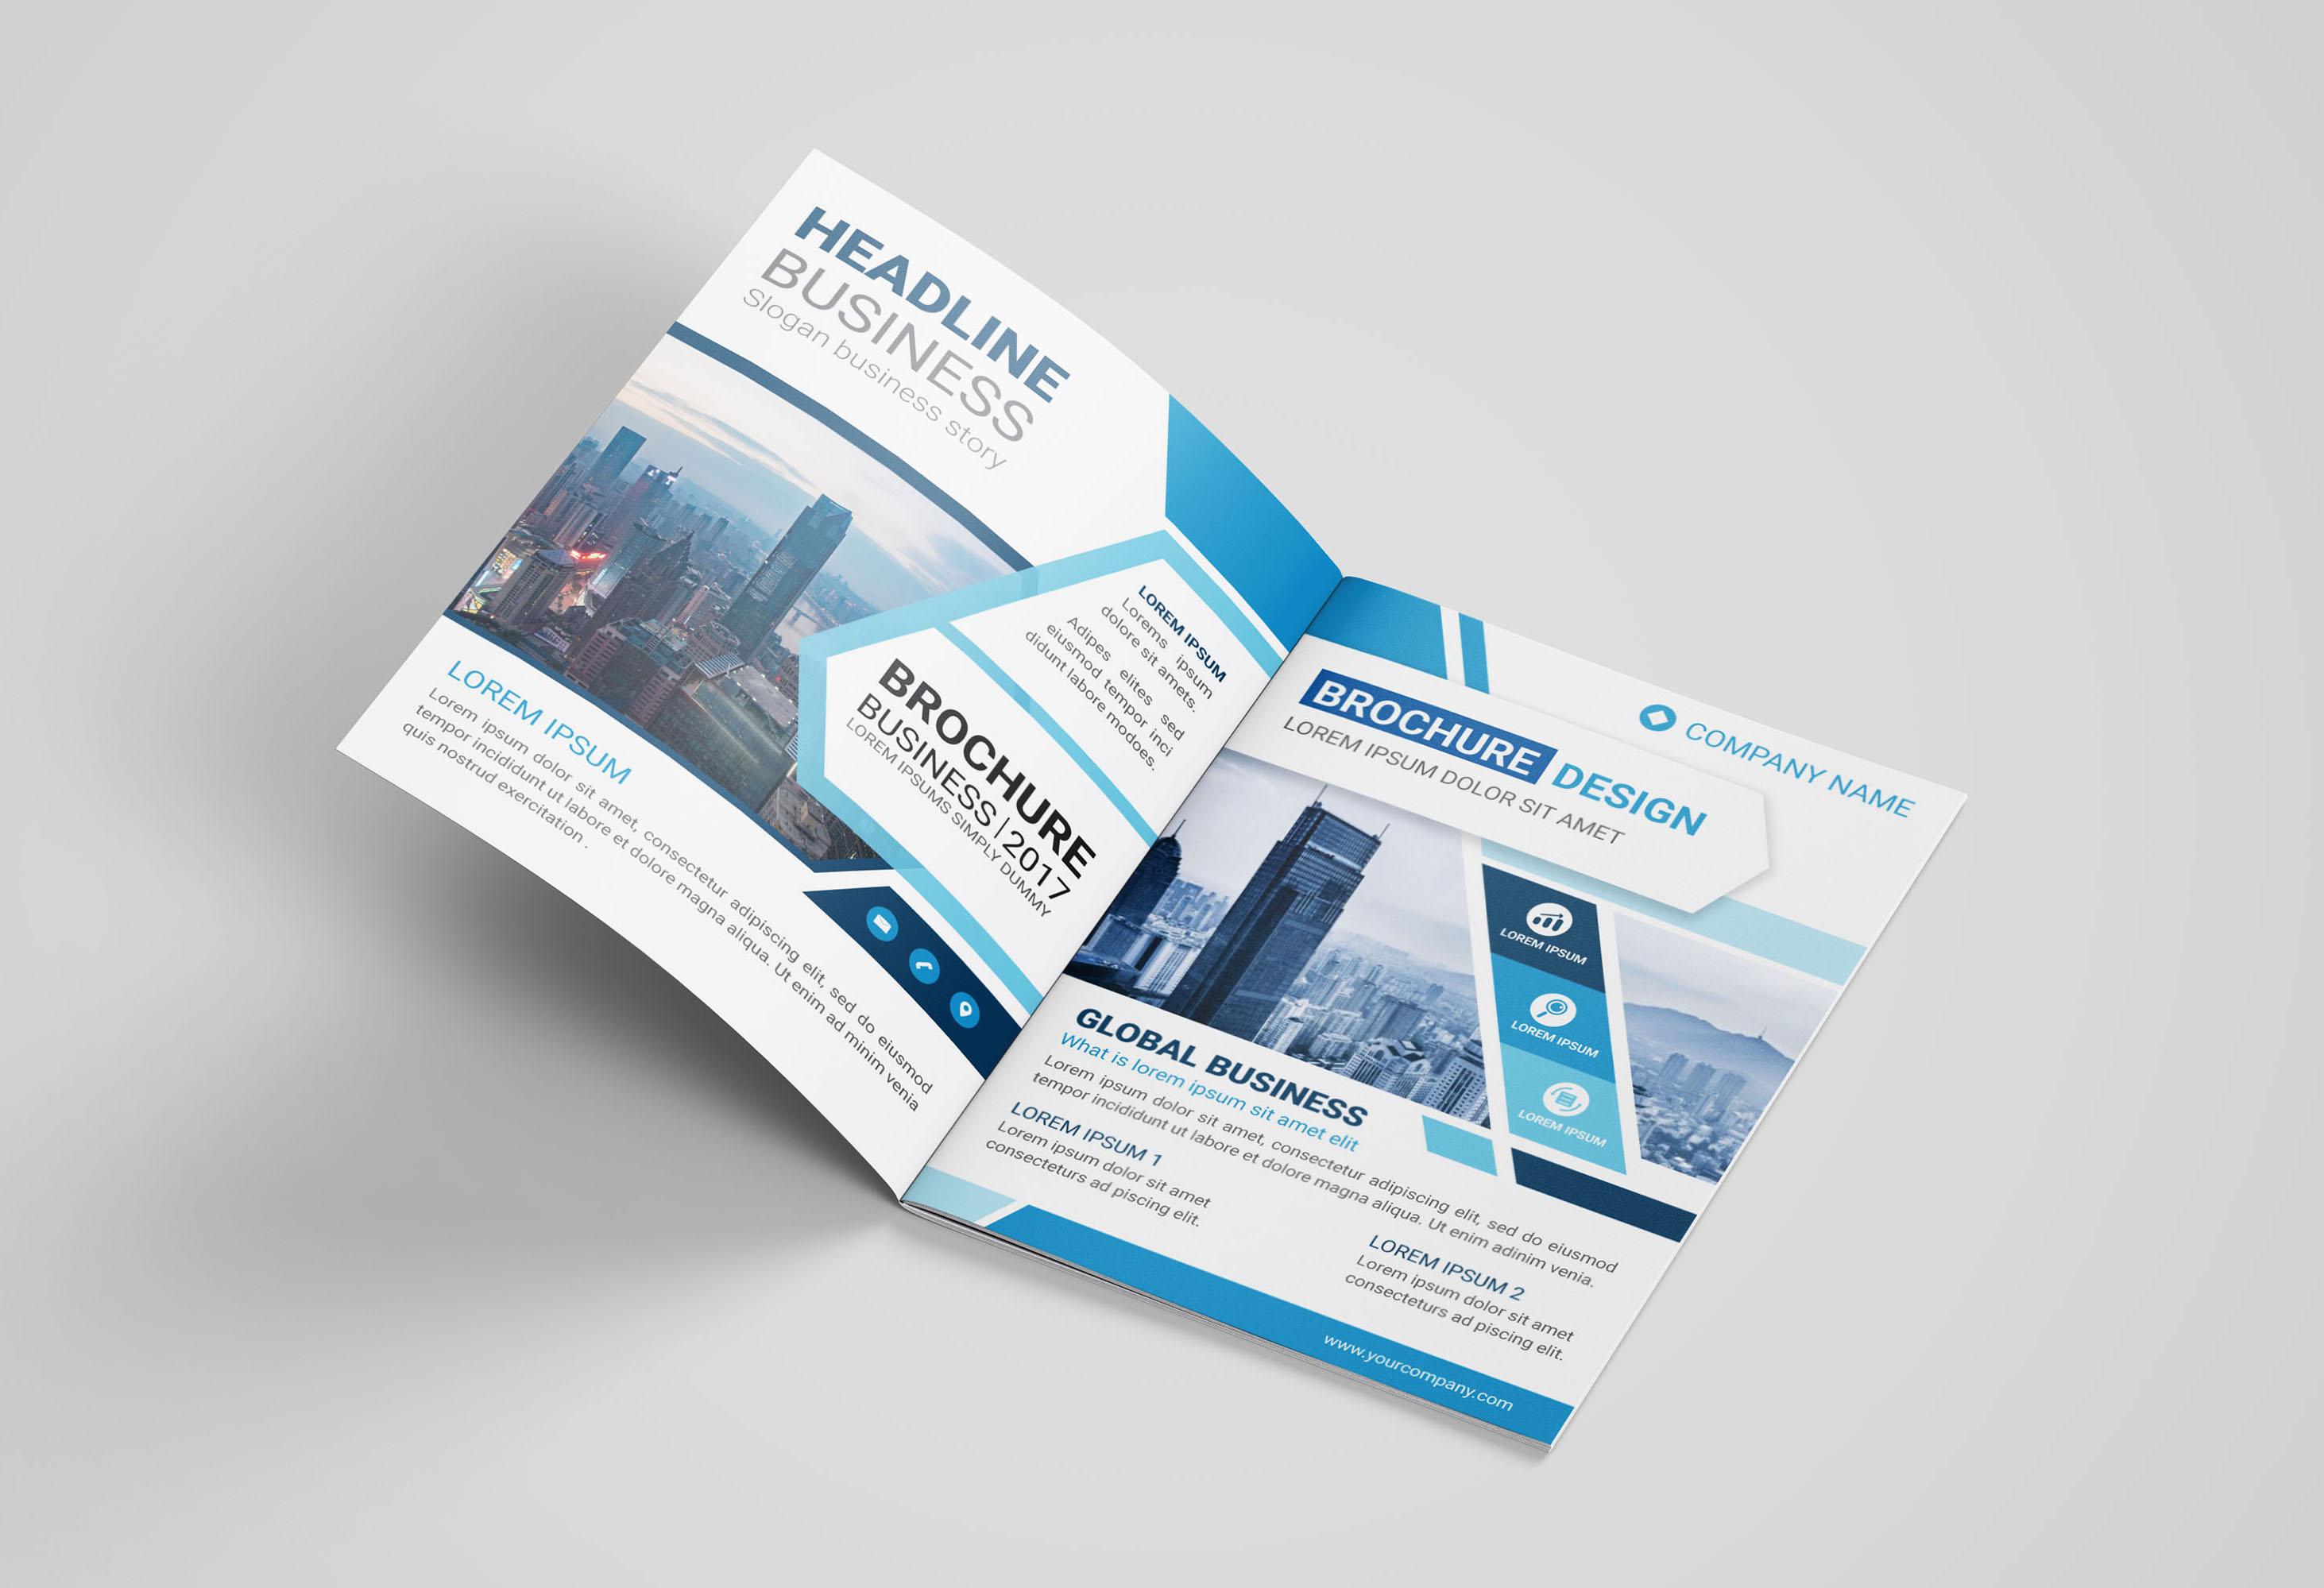 Design Business Brochure, Company Profile Or Annual Report